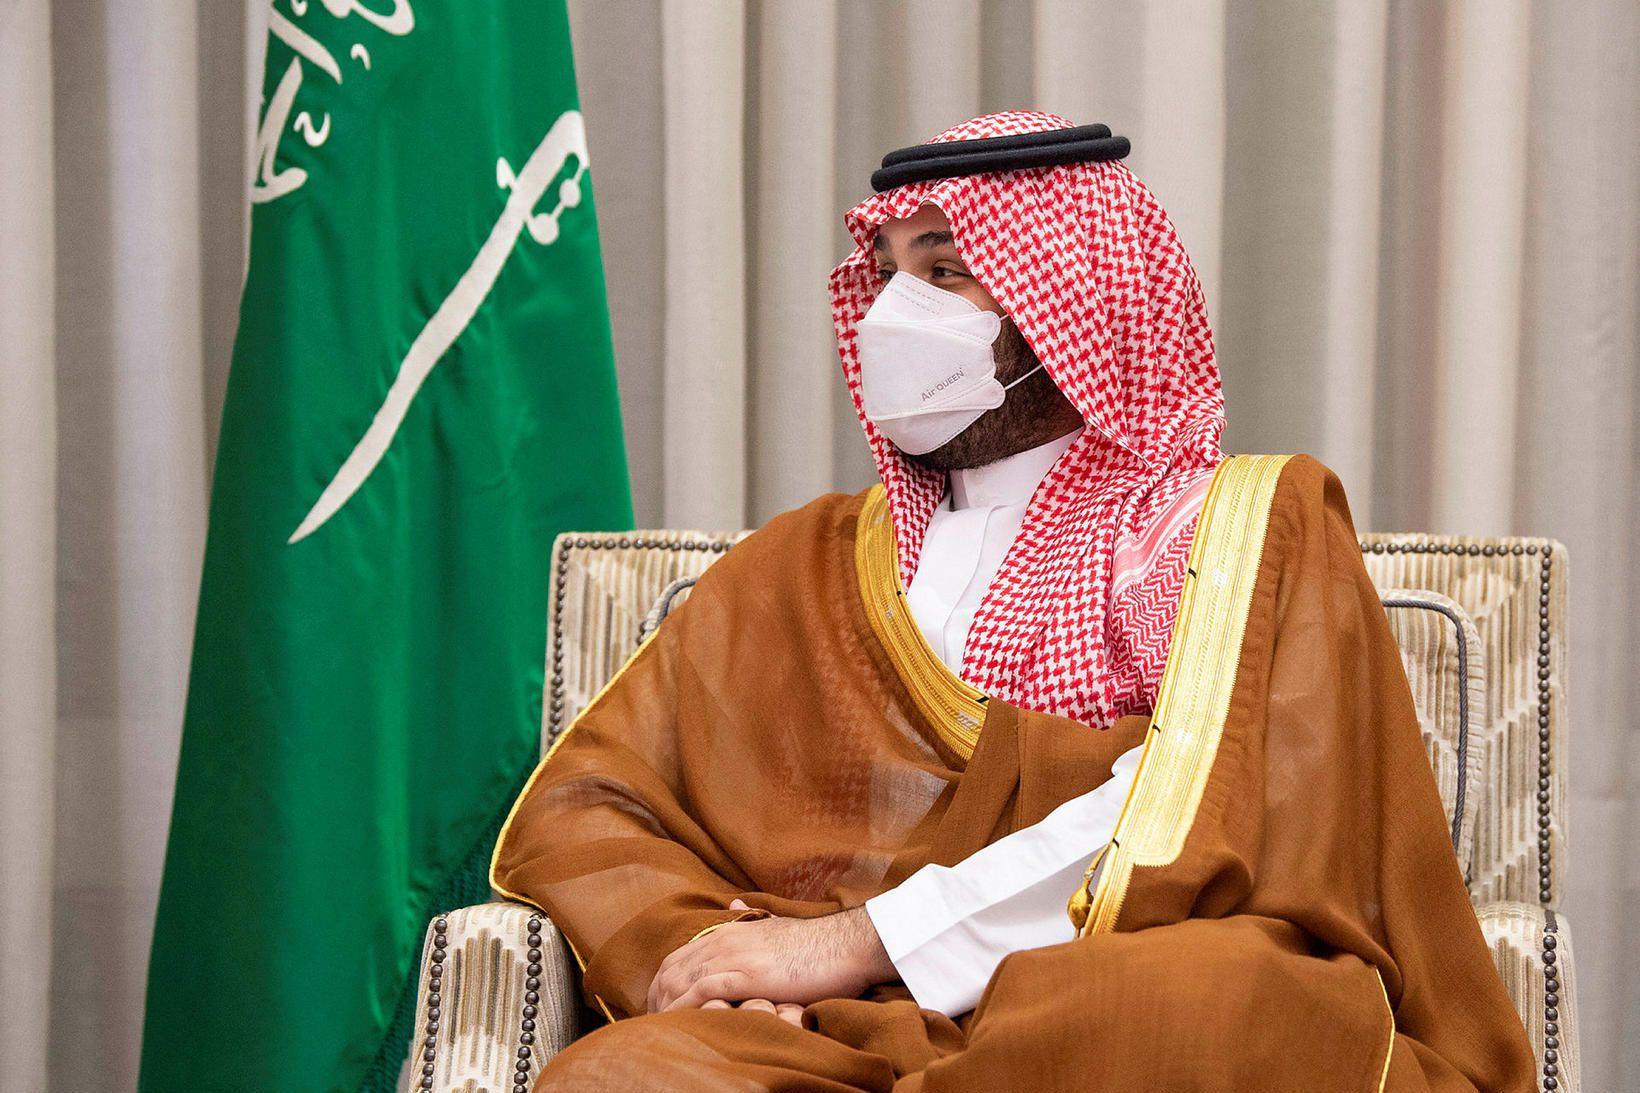 Krónprins Sádi-Arabíu, Mohammed bin Salman, er yfir fjárfestingasjóði ríkisins.